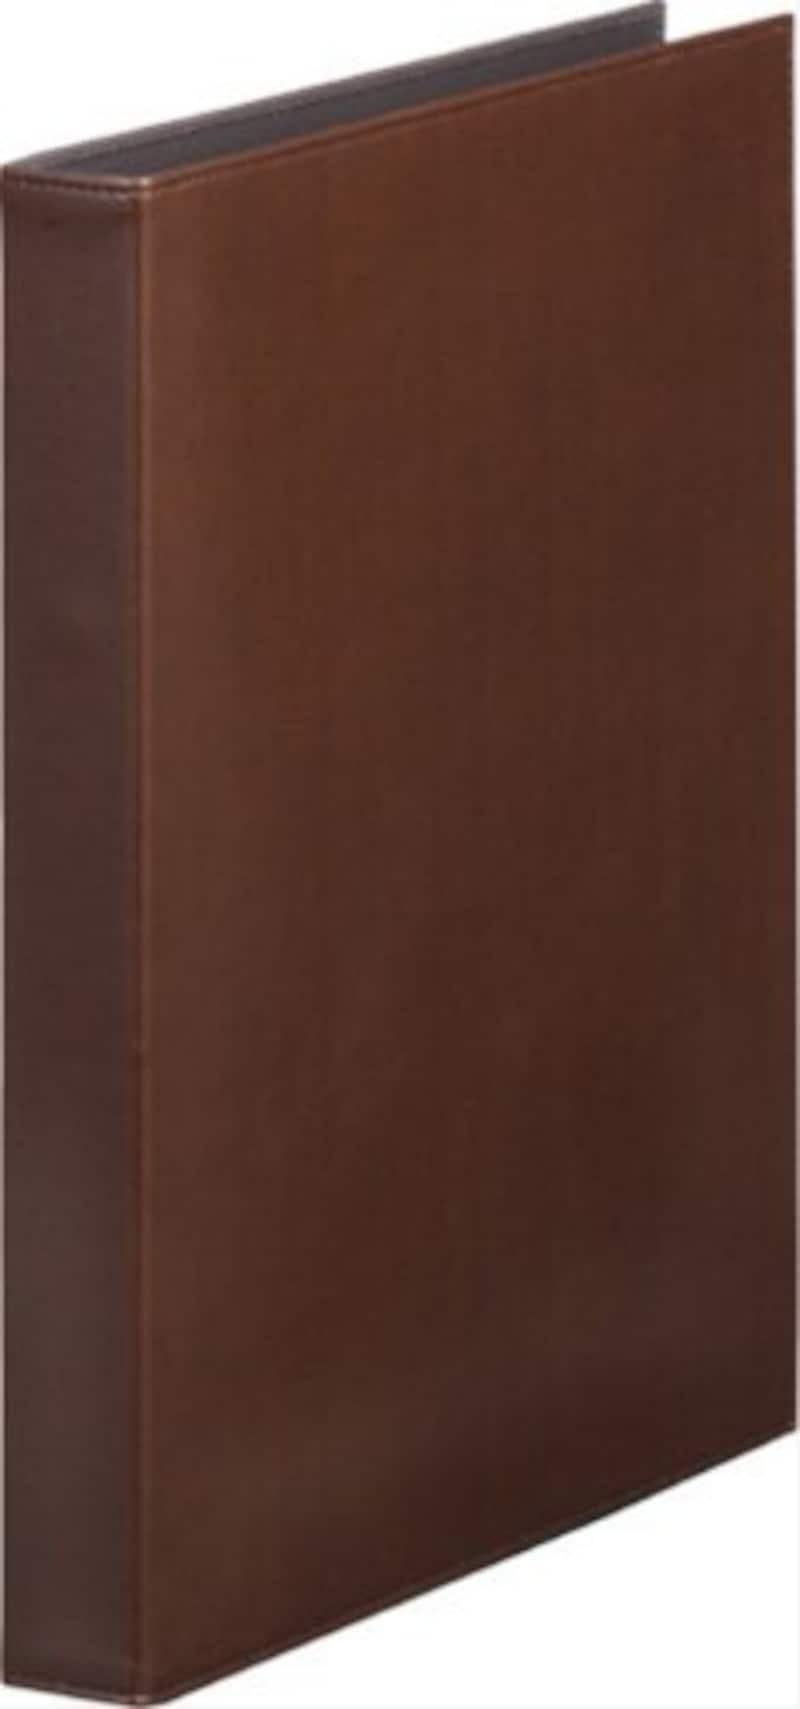 キングジム,レザフェス,1961LF